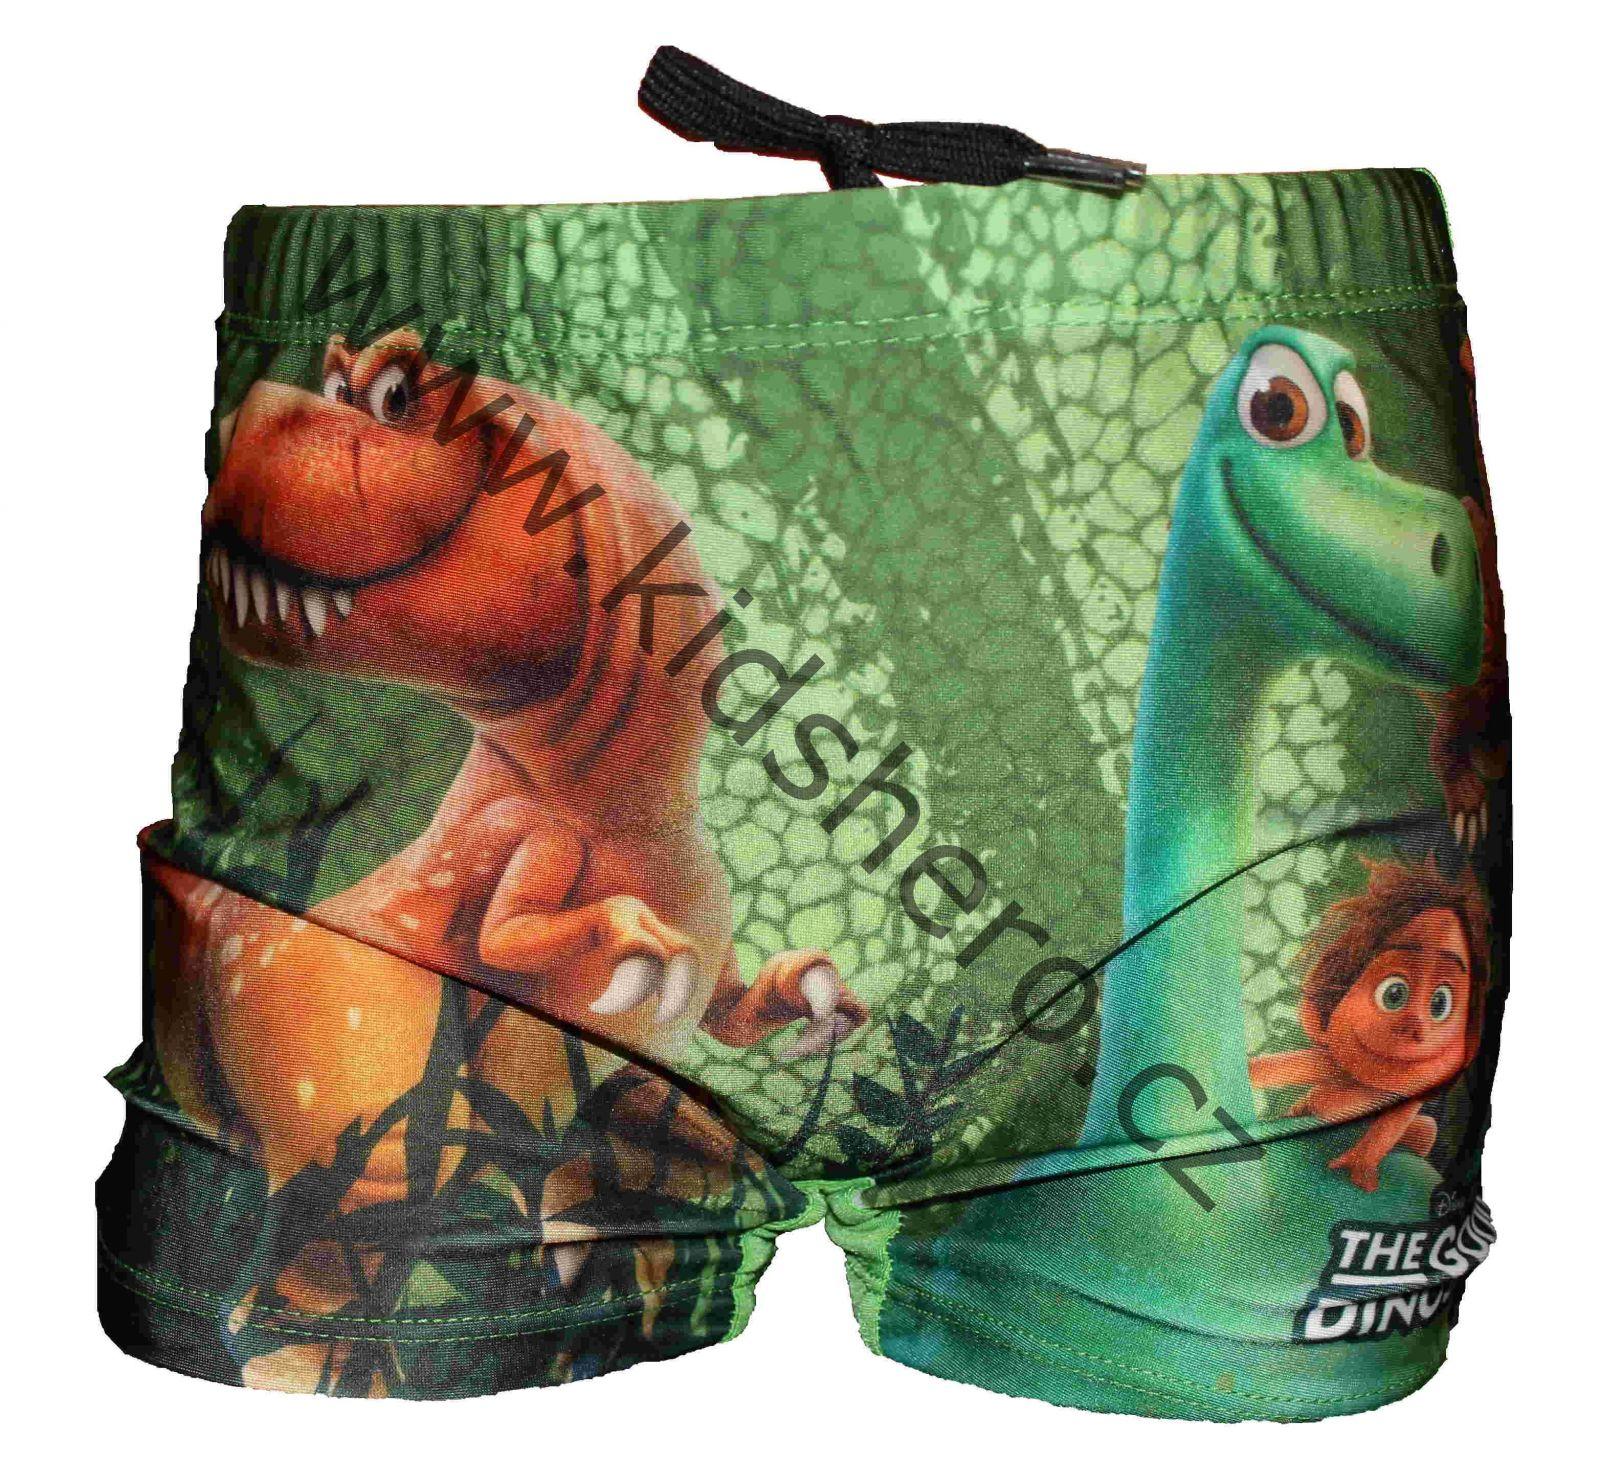 Dětské plavky DINOSAUR, licenční nohavičkové plavky mimoni Despicable Me